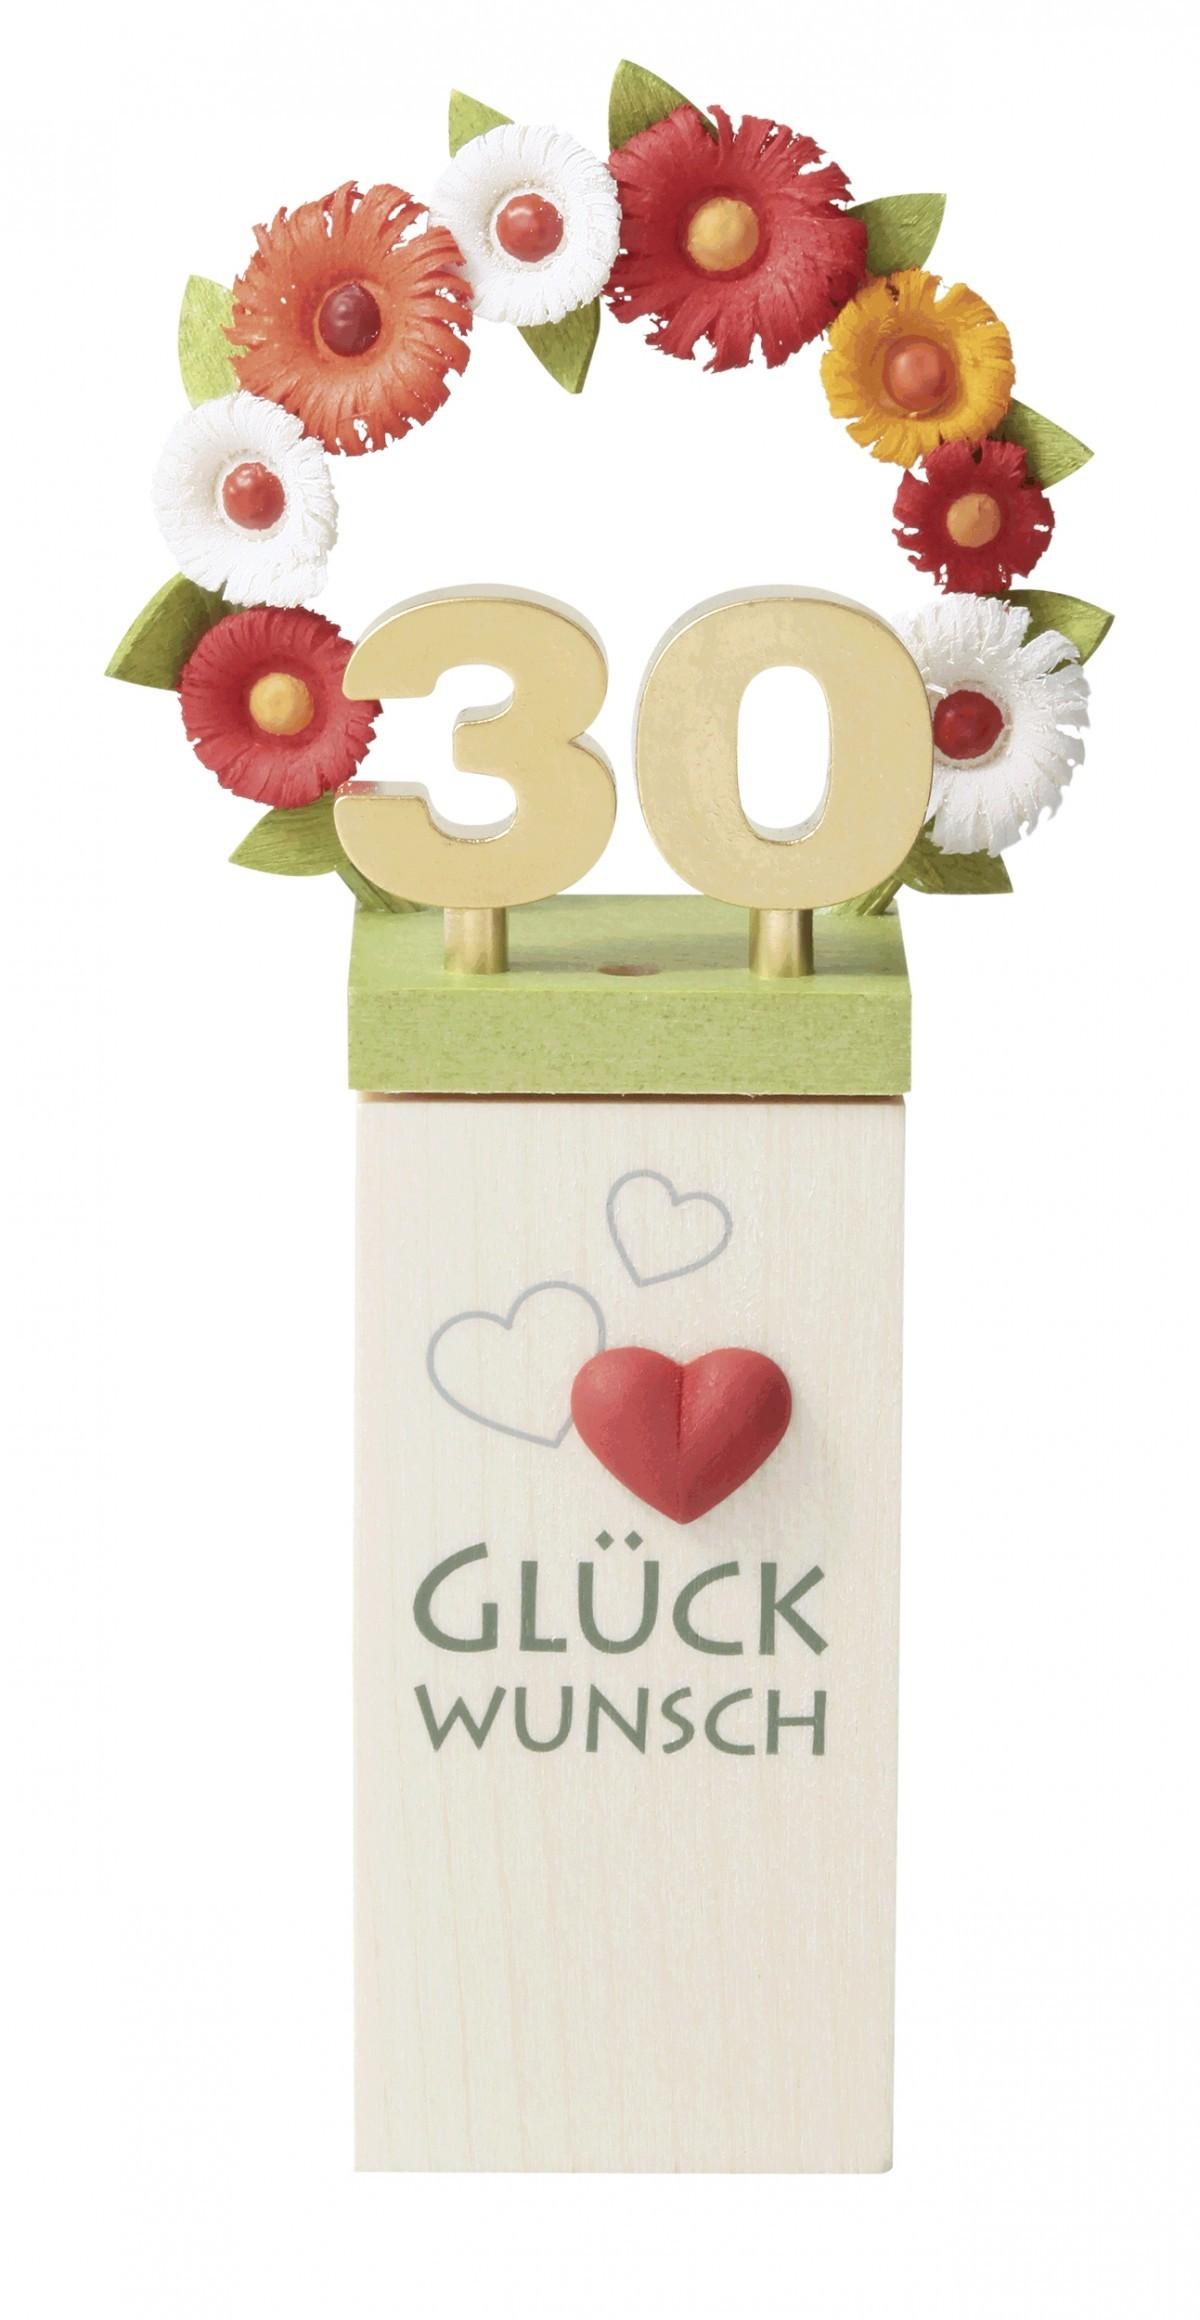 Günter Reichel - Glückwunschsockel